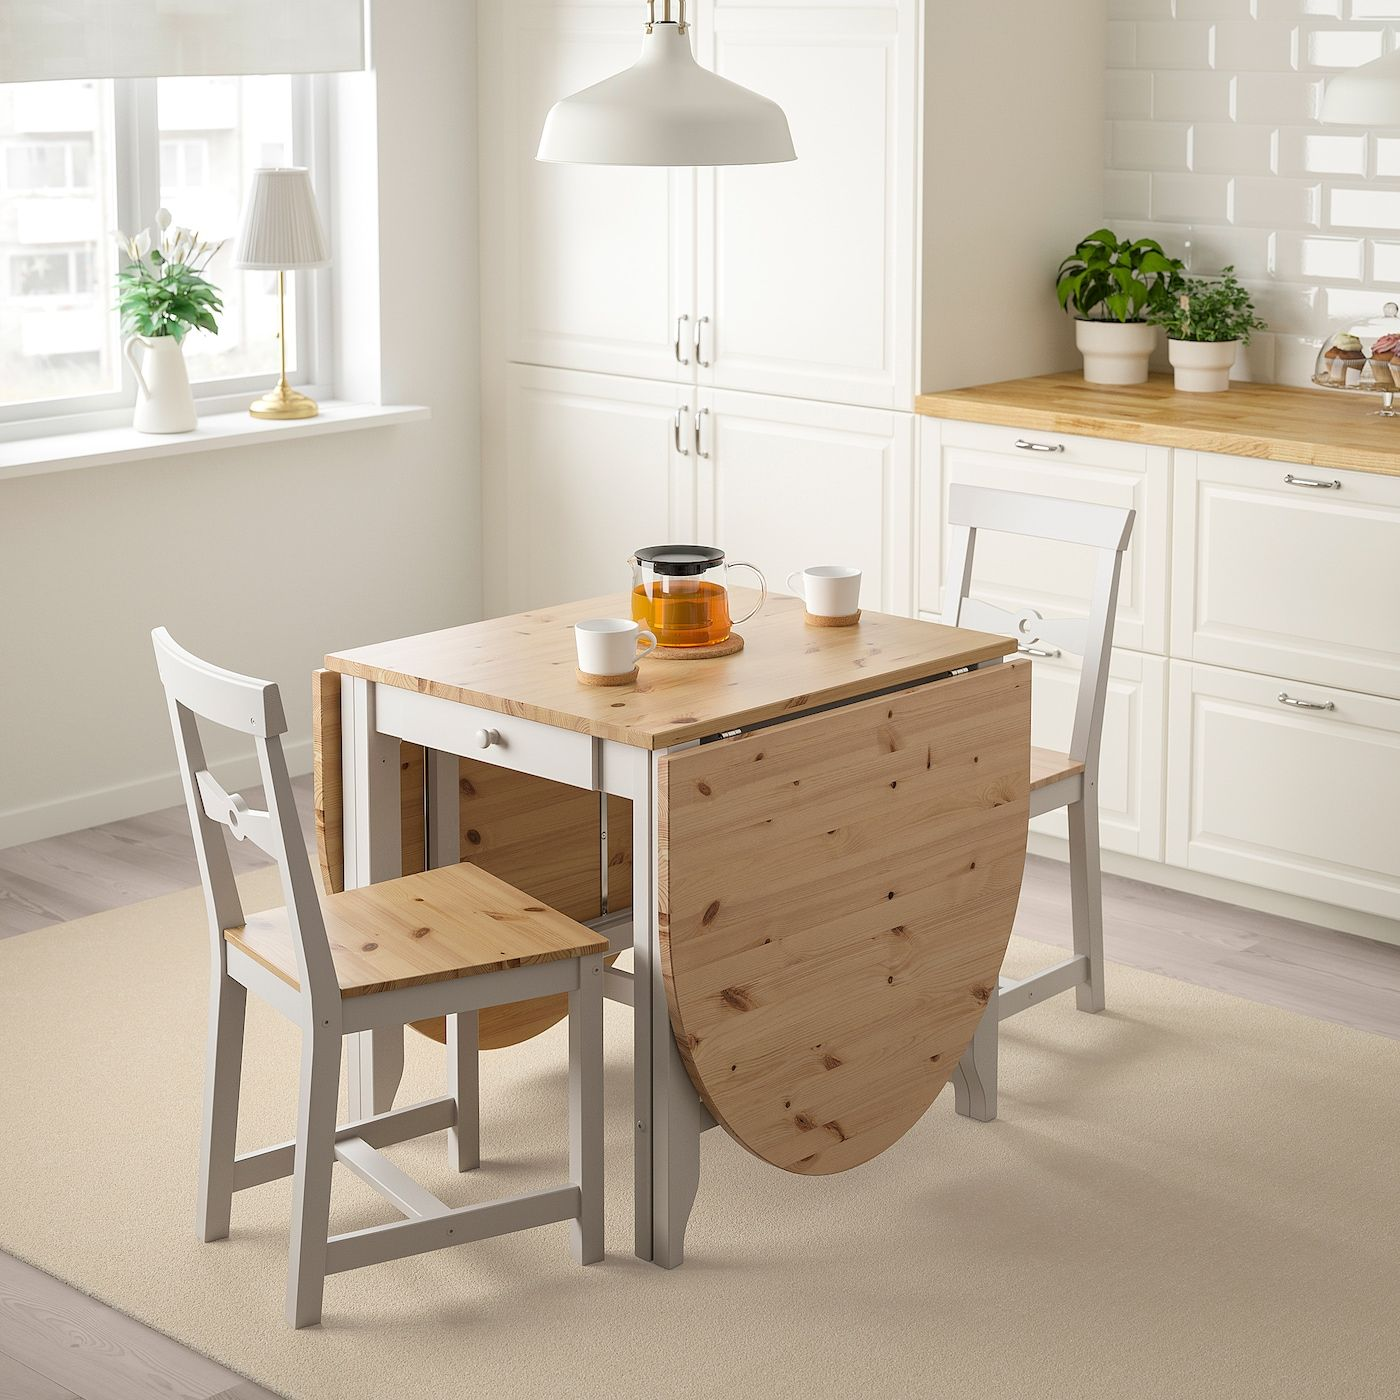 GAMLEBY Gateleg table - light antique stain, gray - IKEA ...